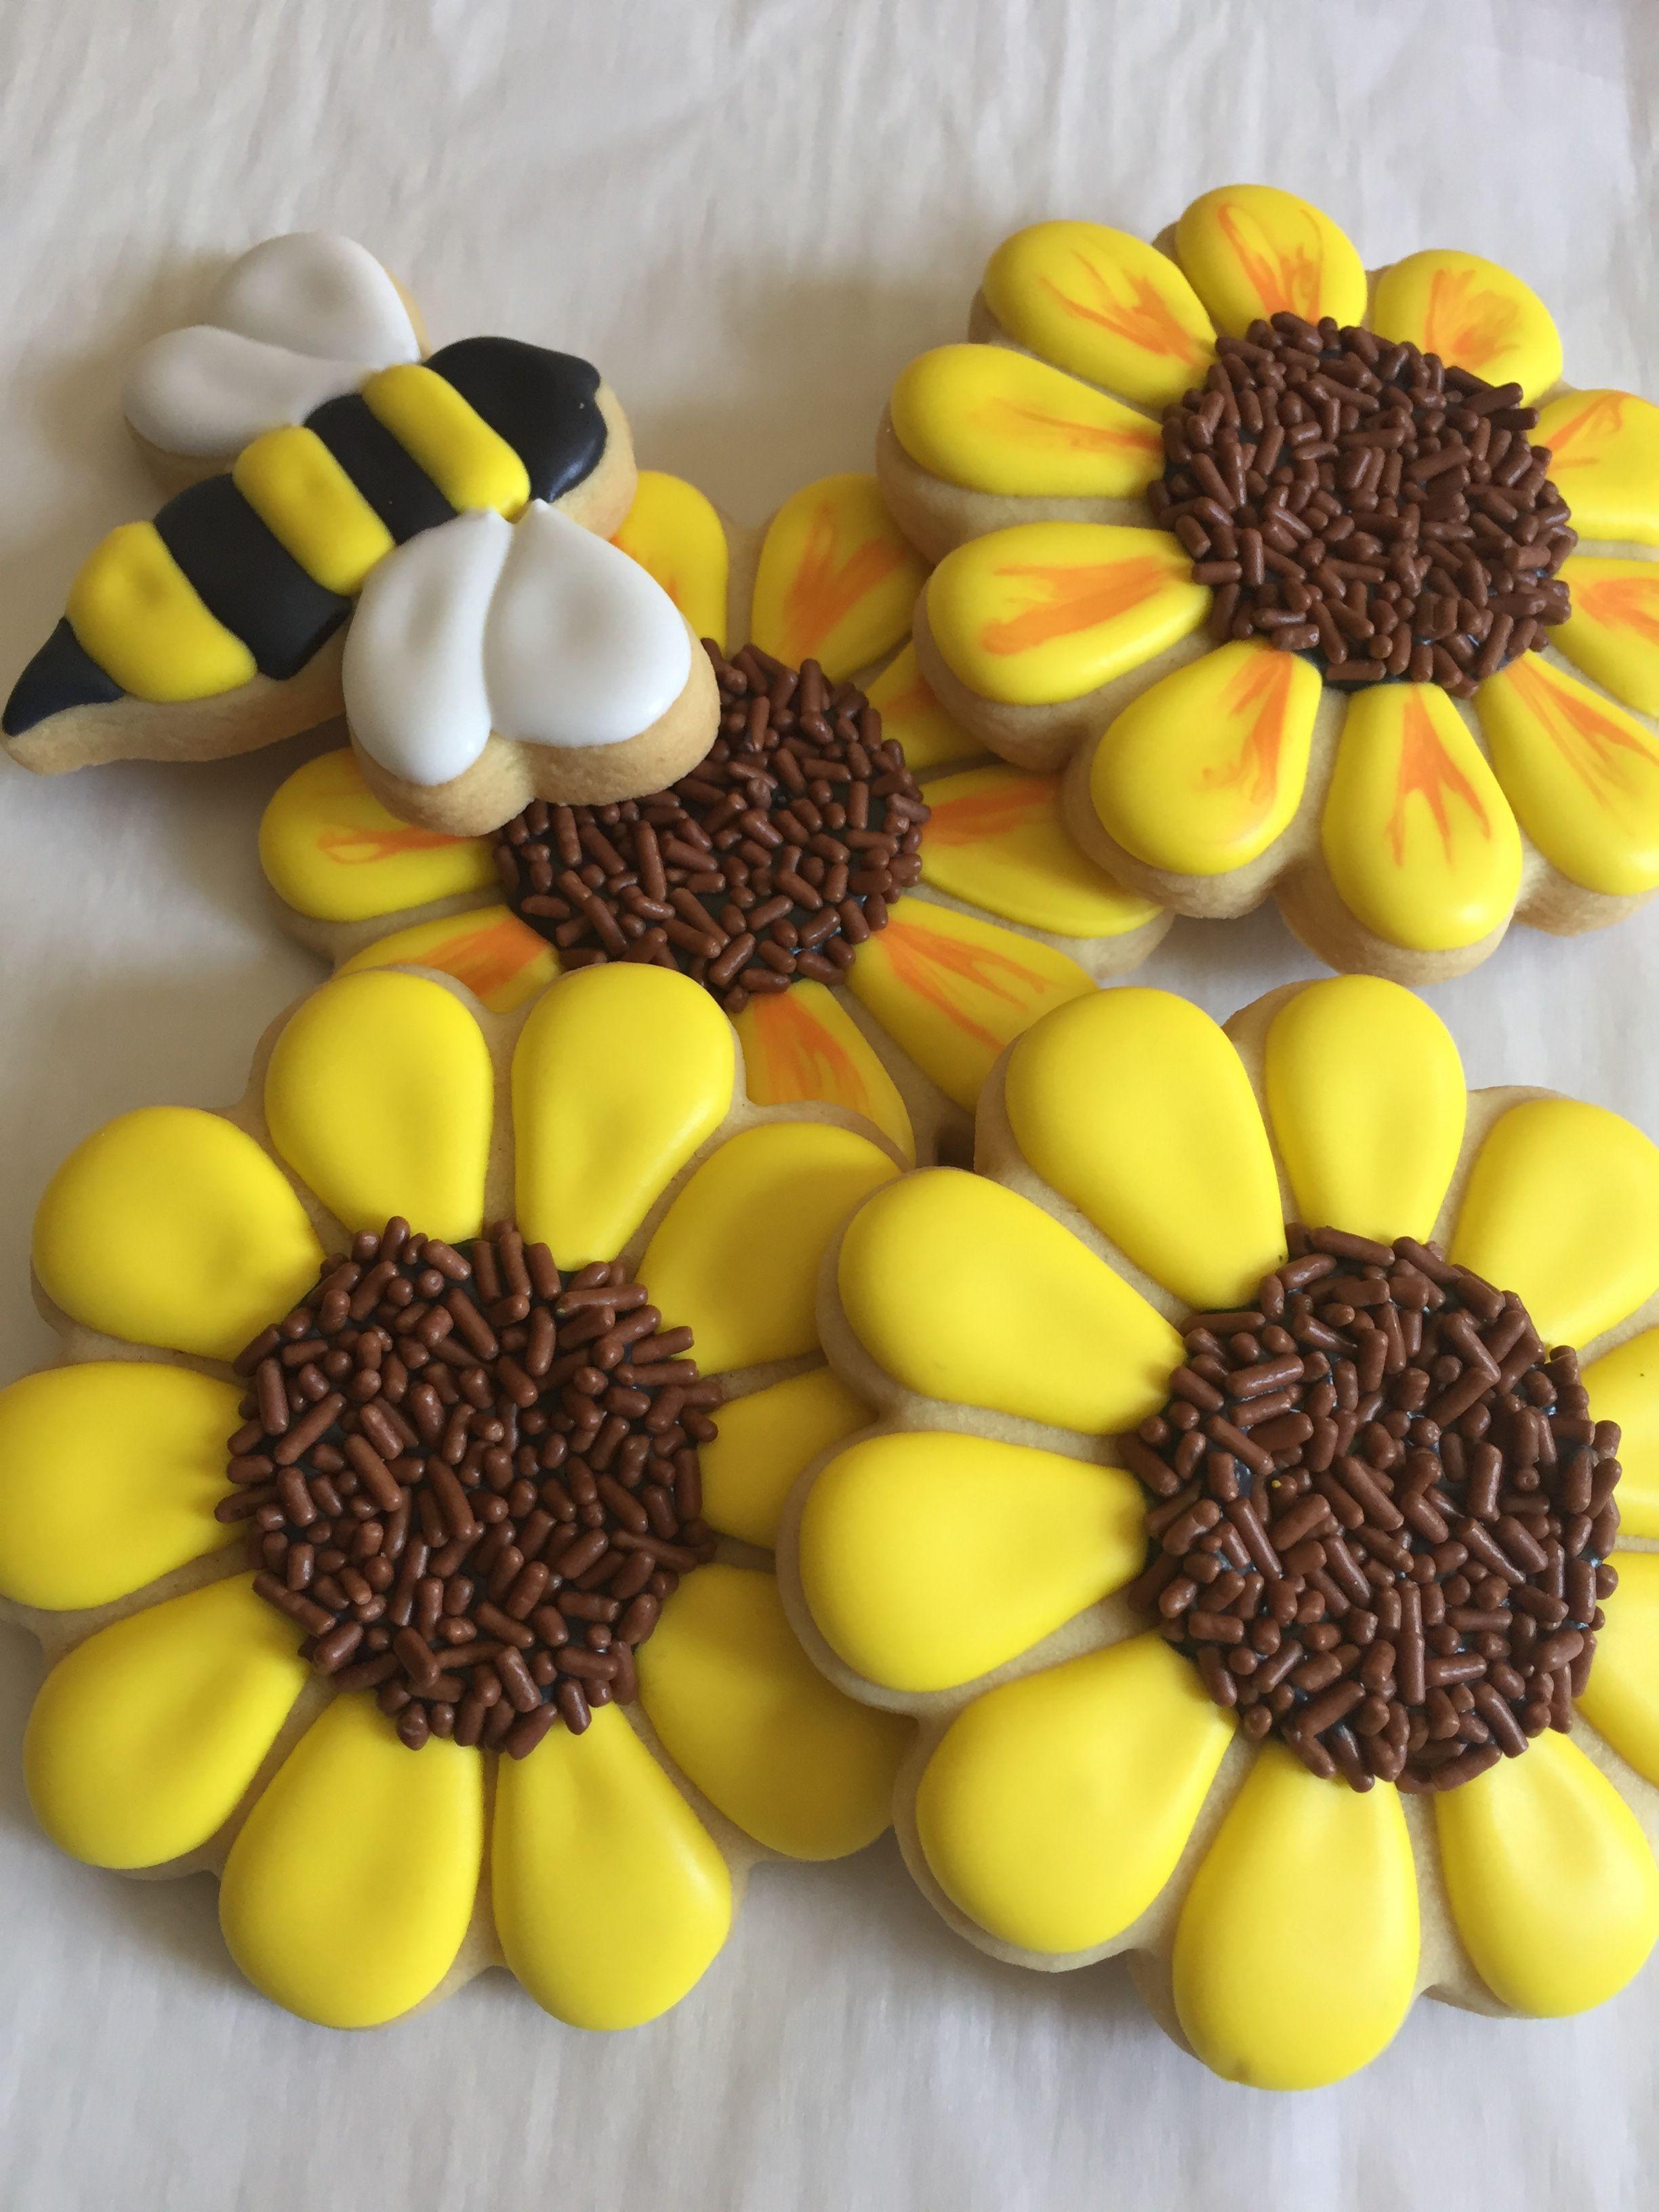 Pin von Malena Fischer auf Cookies | Pinterest | Kekse, Tipps und Torten